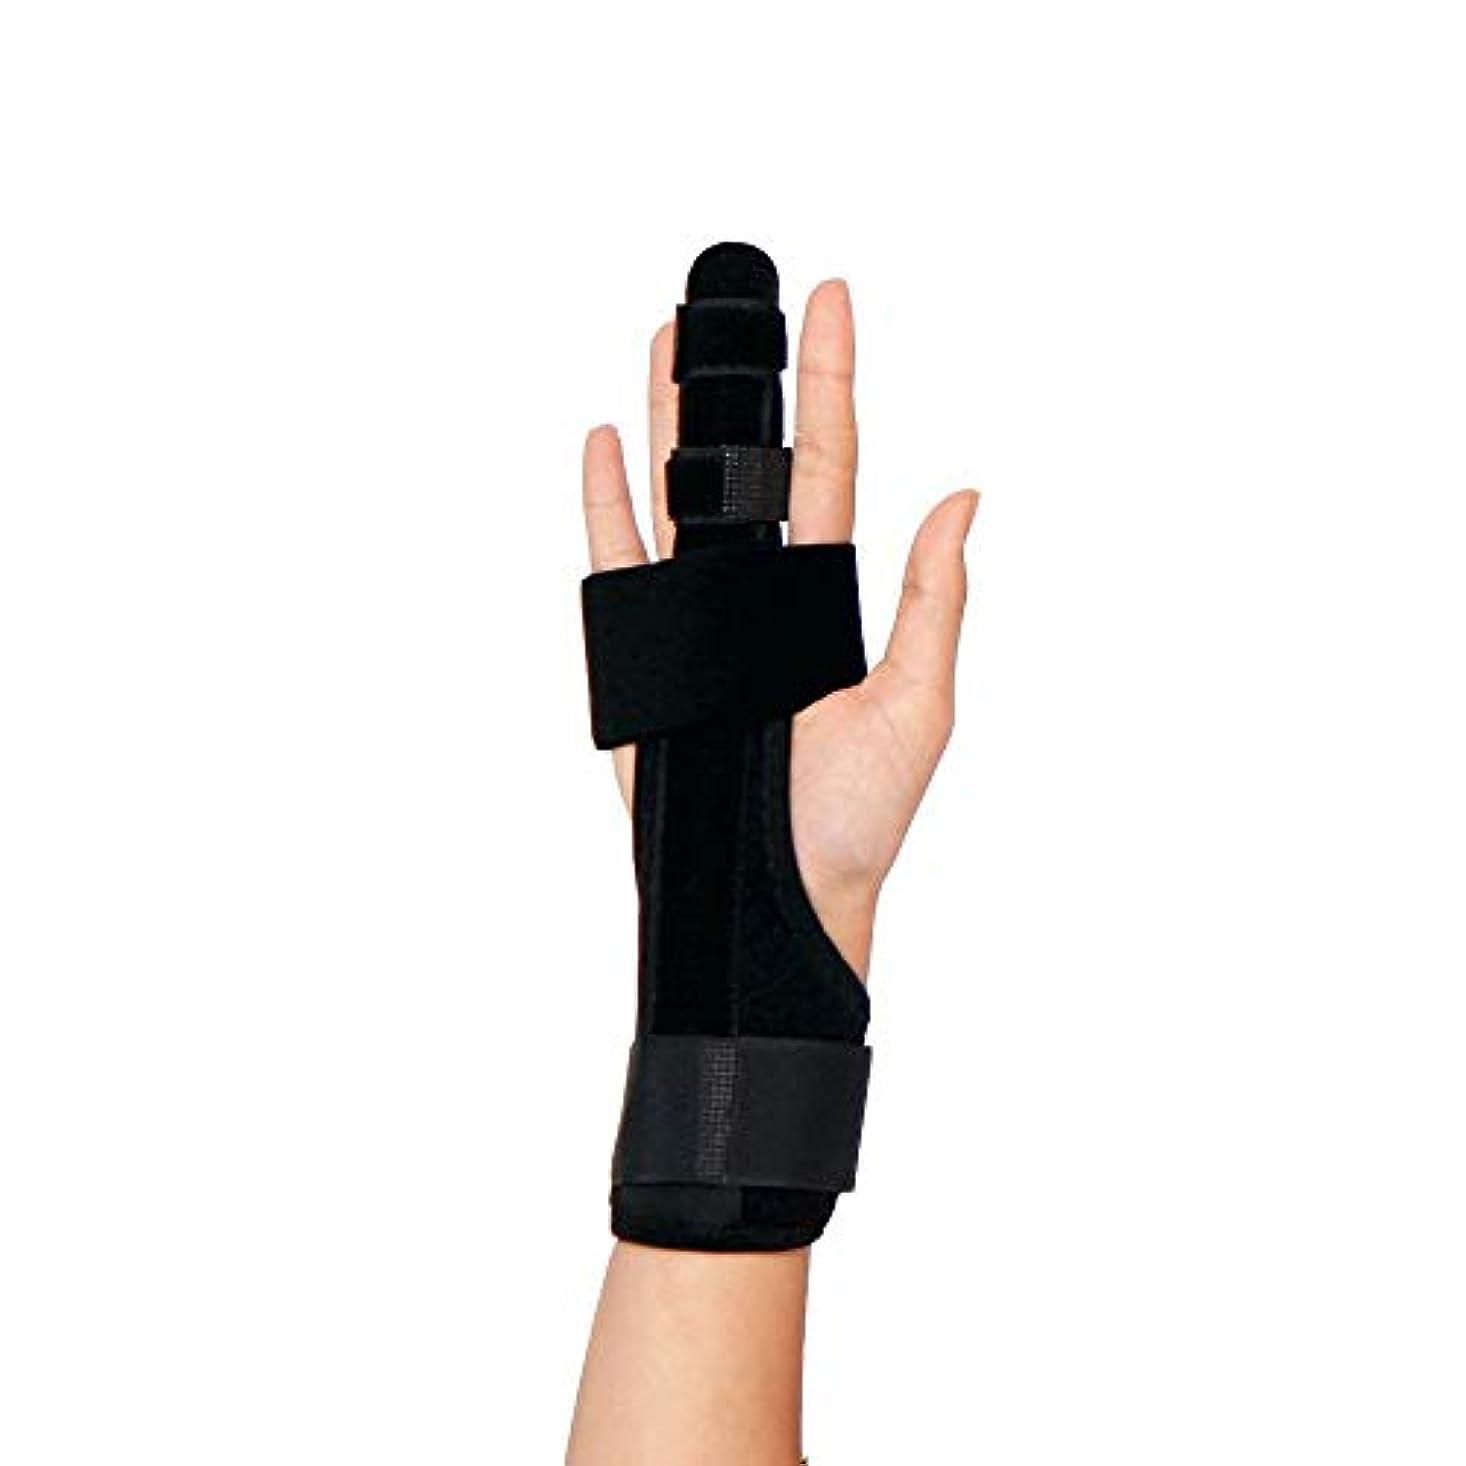 トリガーフィンガースプリントフィンガーブレース、調節可能なプロテクター壊れた指用の快適なフィンガースプリント曲がったマレットまたは関節炎